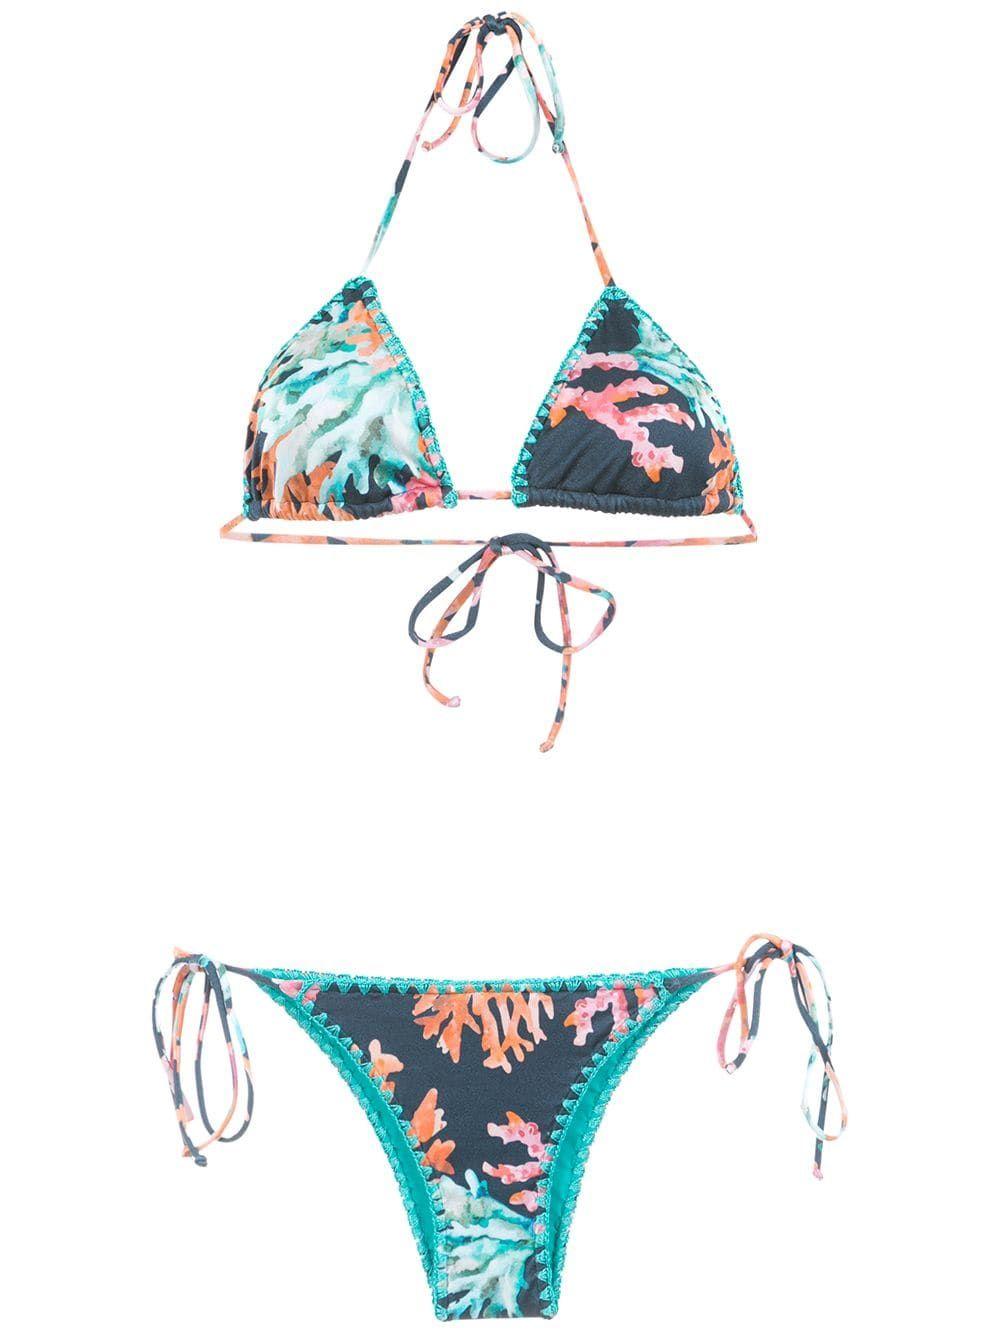 7eb68eb22cad Brigitte printed triangle bikini set - Multicolour in 2019 ...